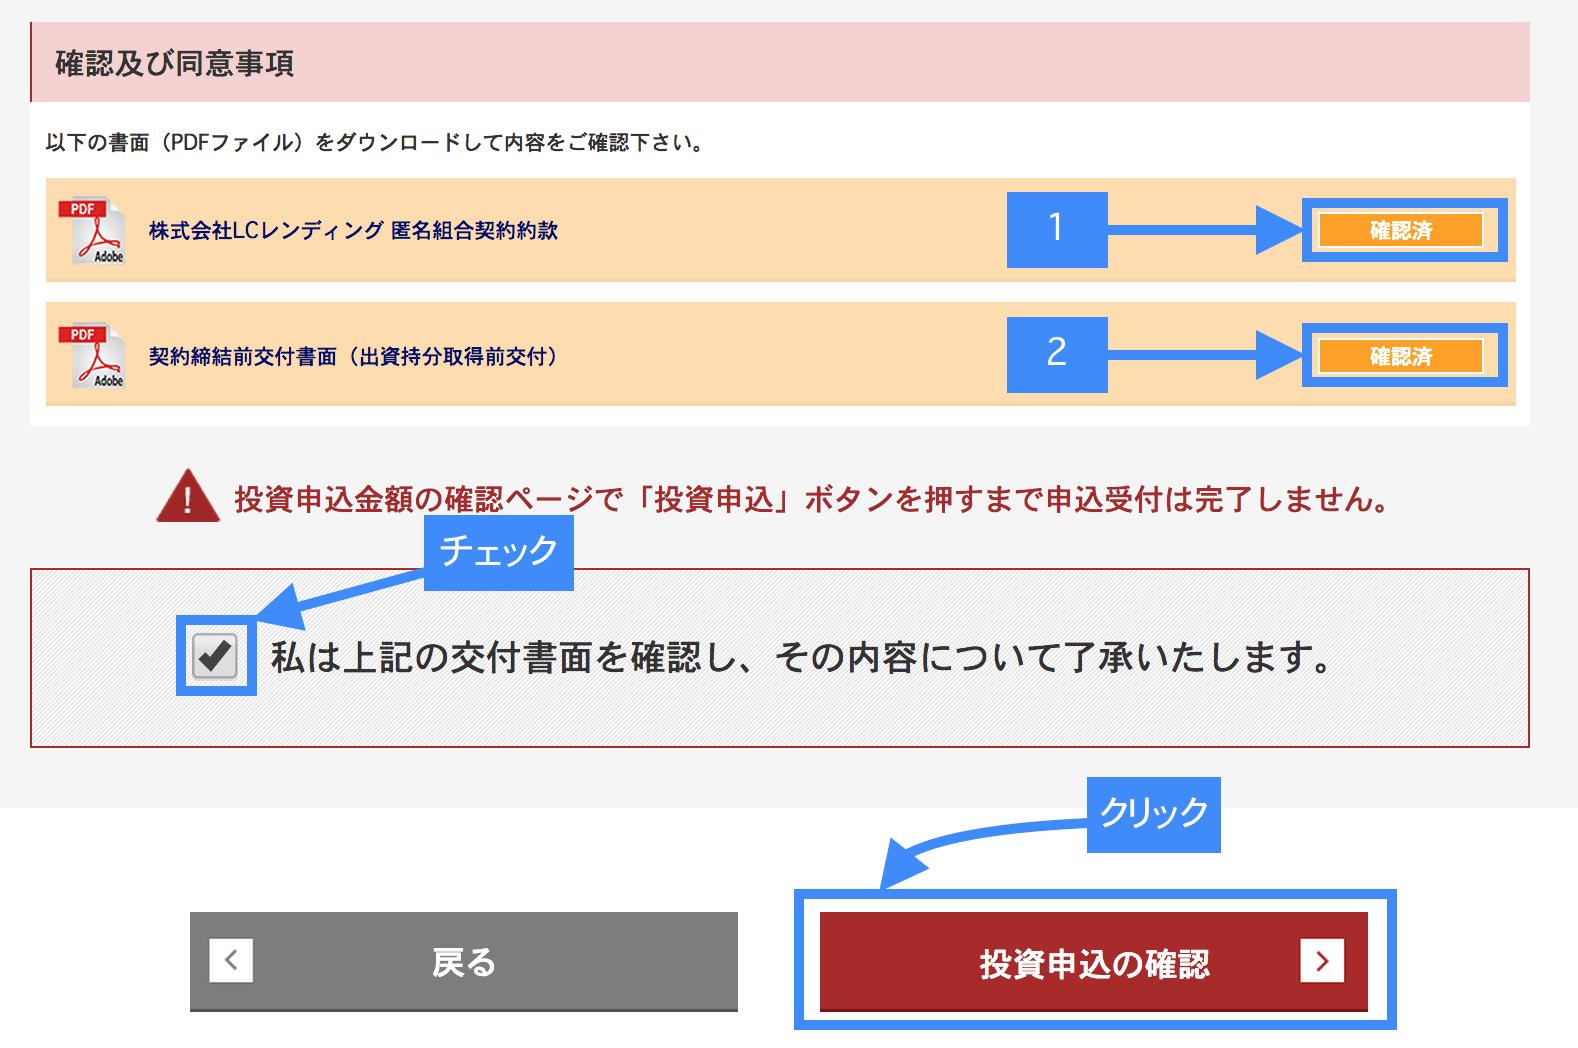 LCレンディング 申込方法4